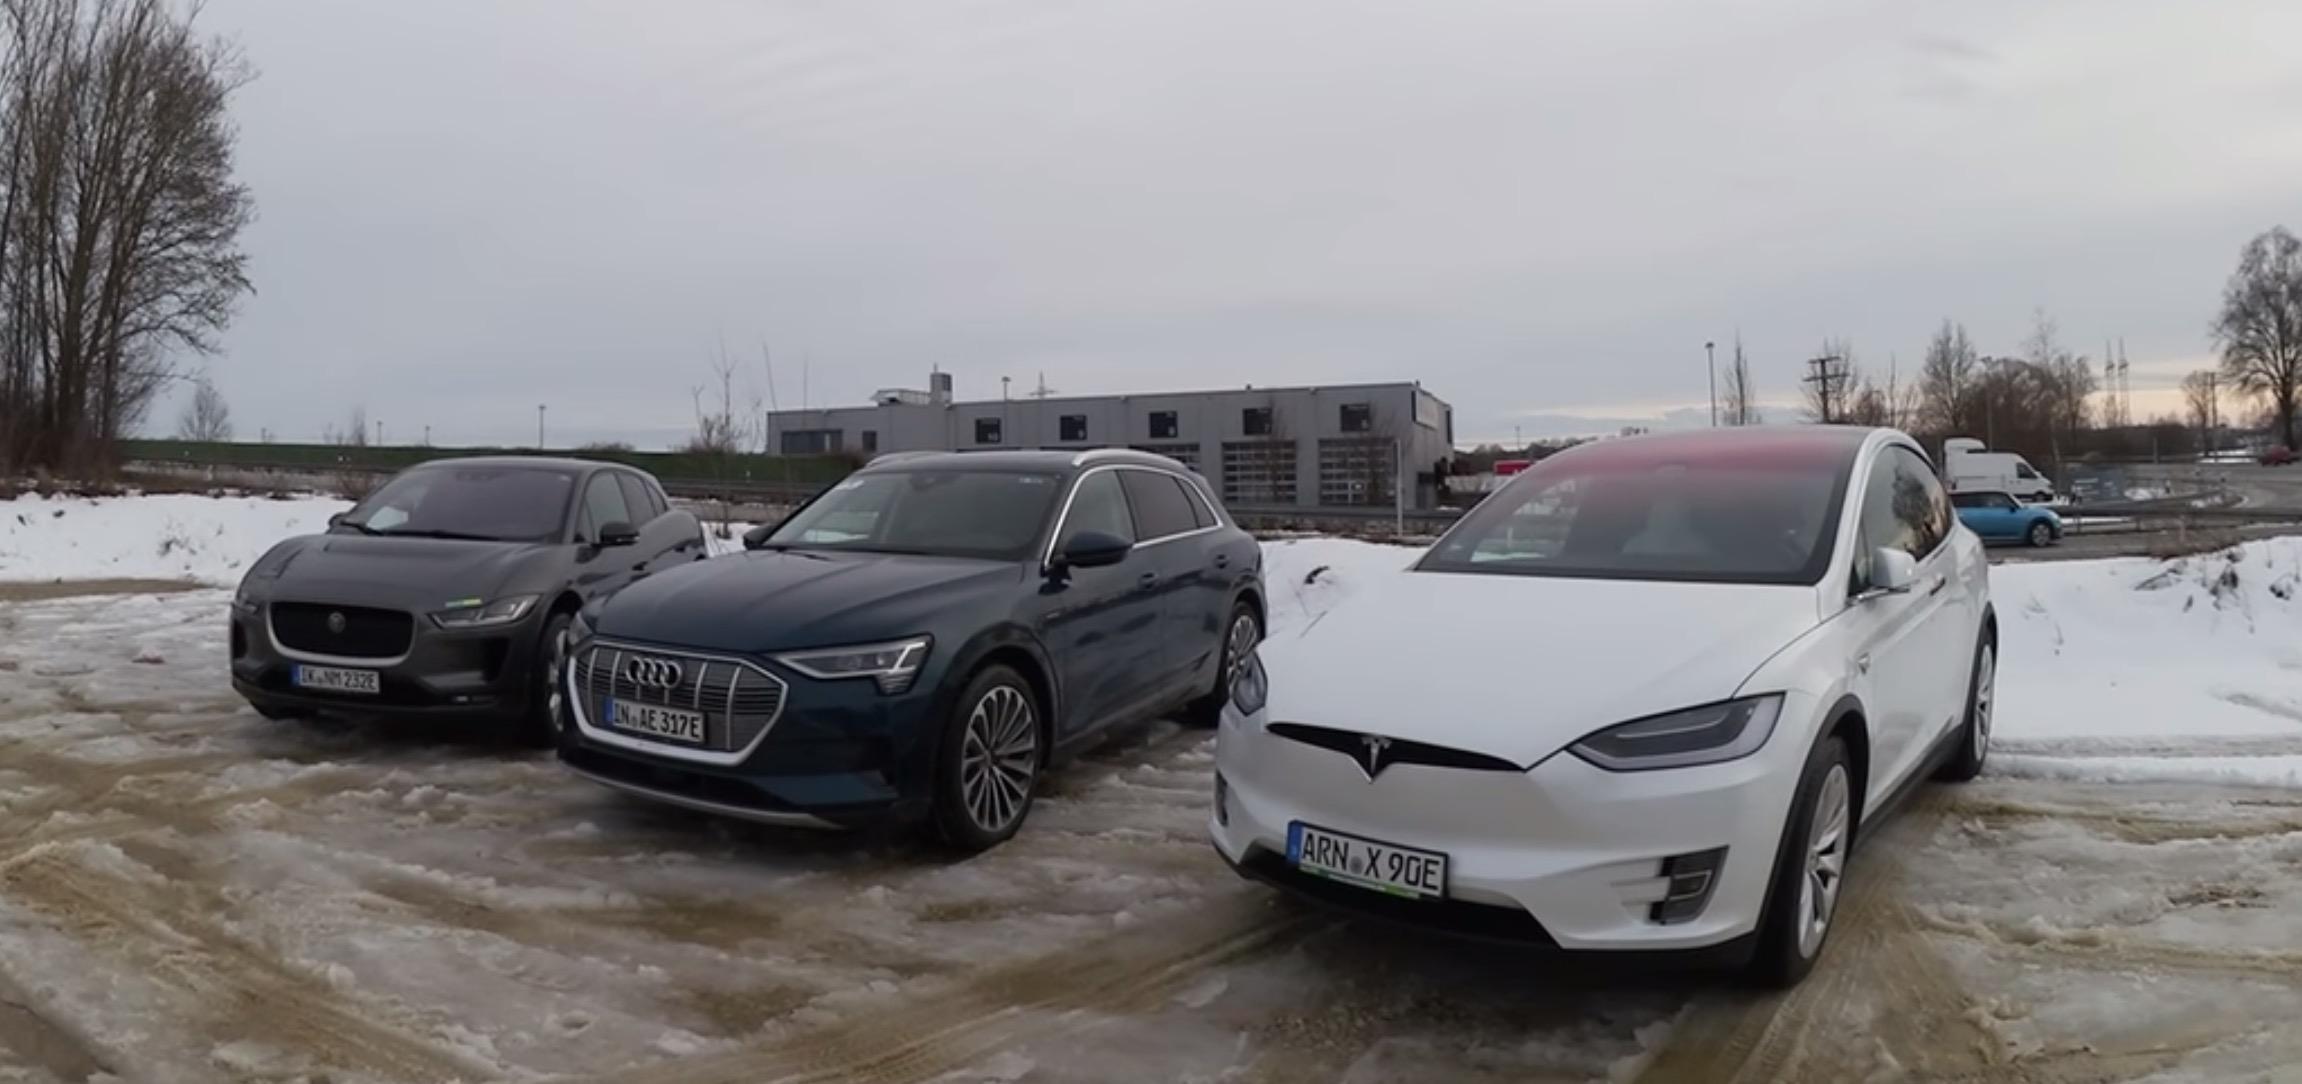 Tesla-Model-X-Audi-e-tron-Jaguar-I-PAce.jpg